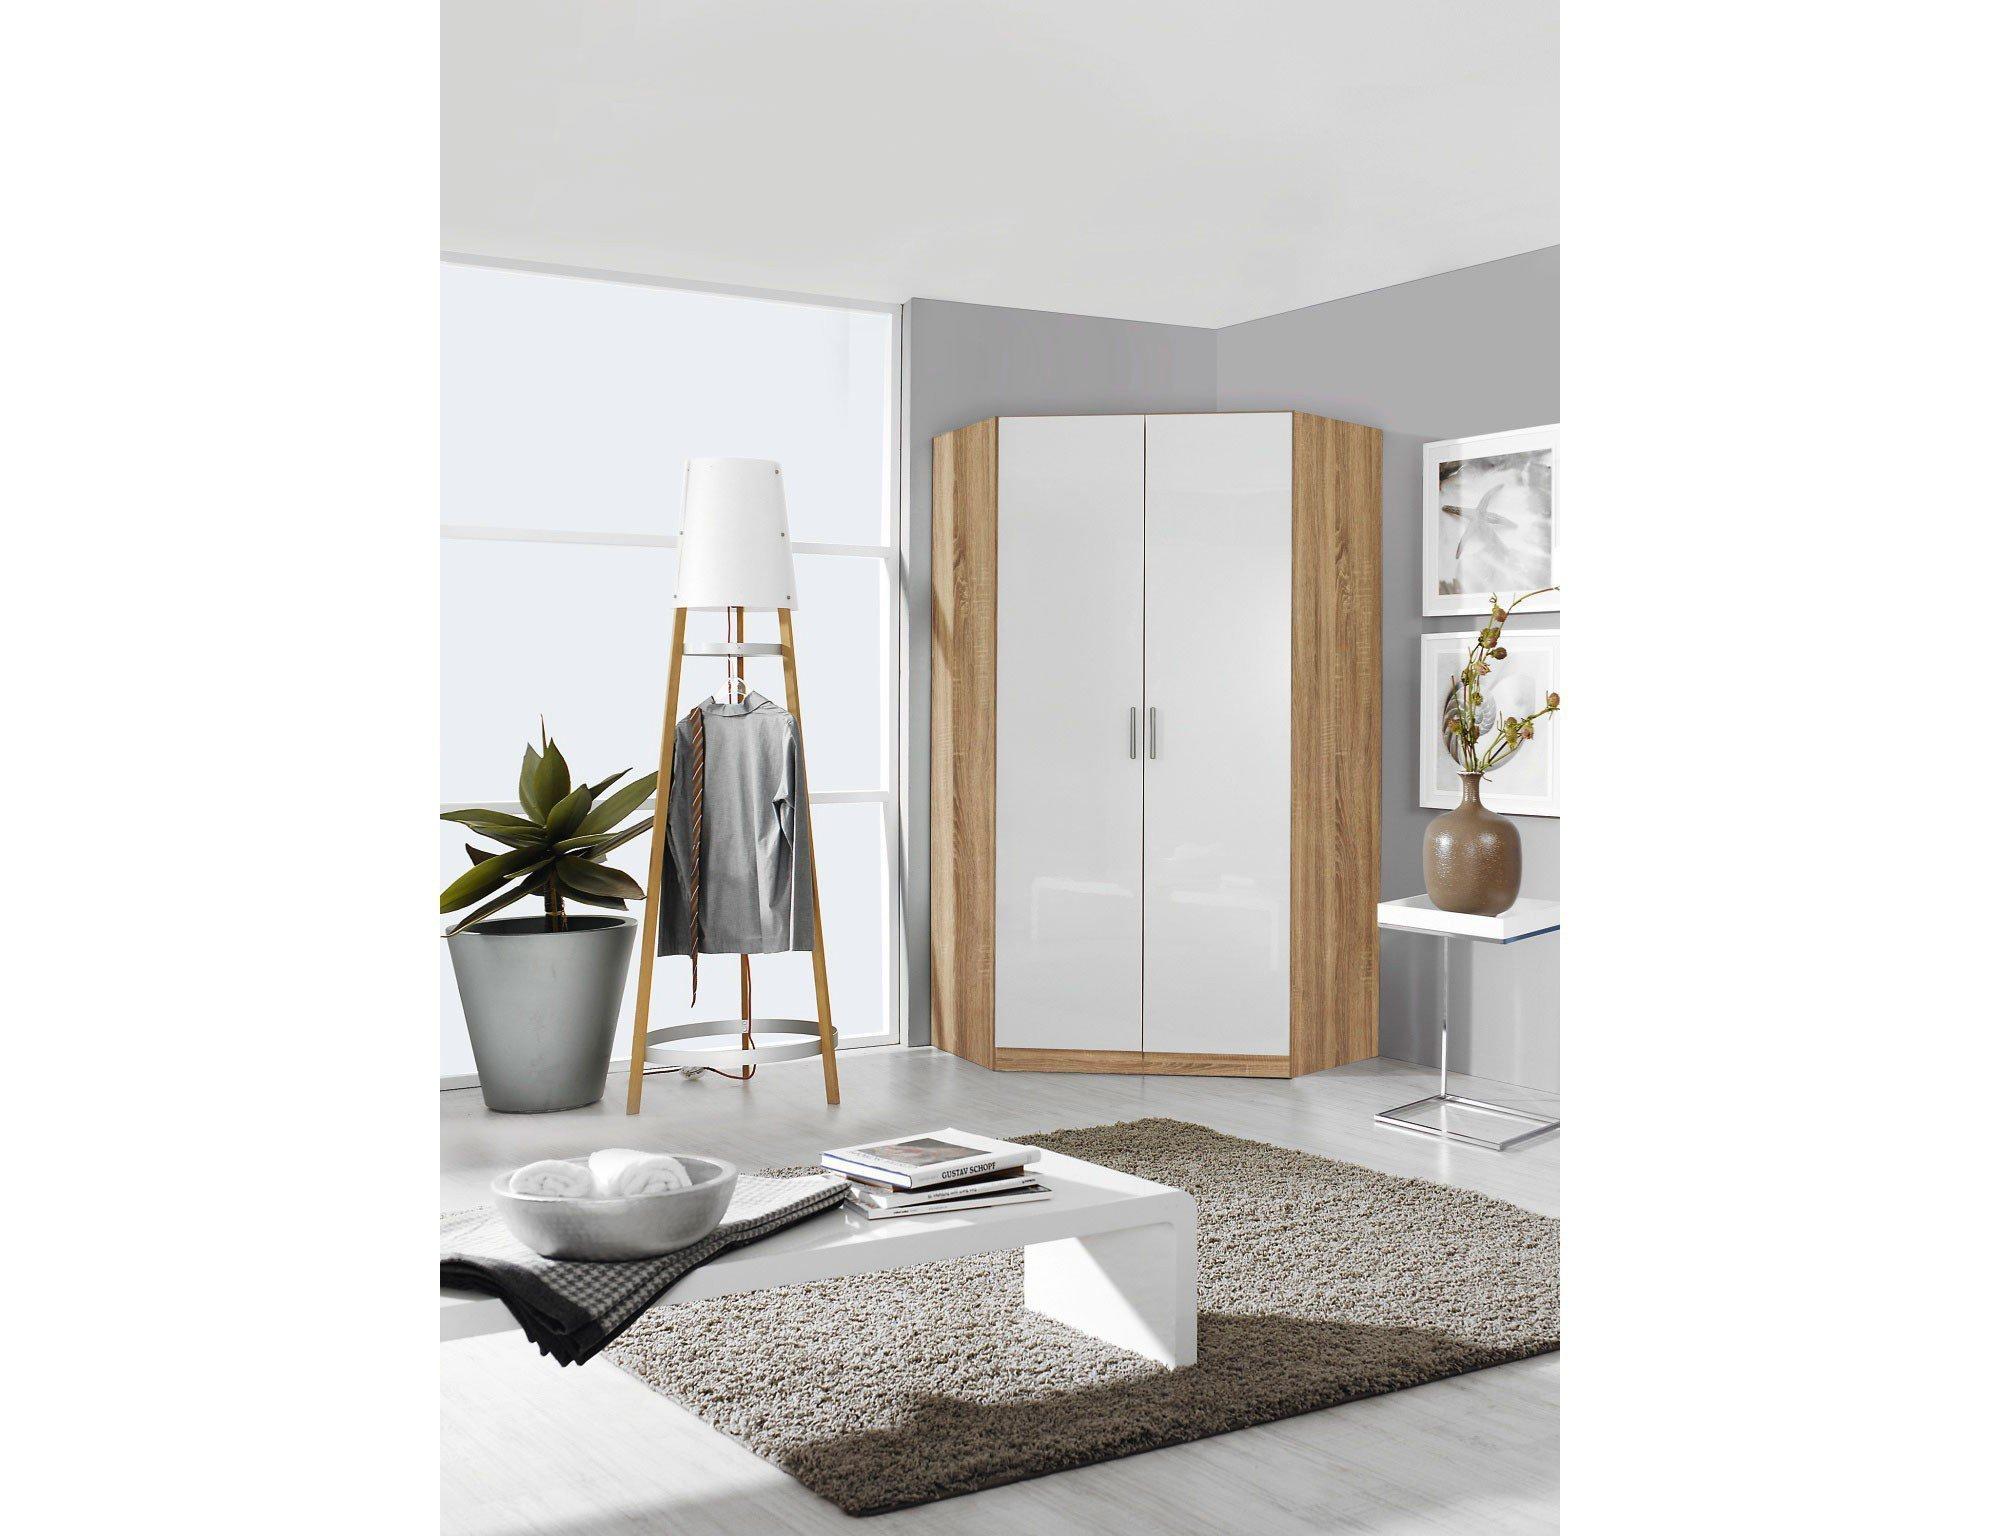 badezimmer m bel celle schau mal was ich bei roller gefunden habe kleiderschrank celle sanremo. Black Bedroom Furniture Sets. Home Design Ideas